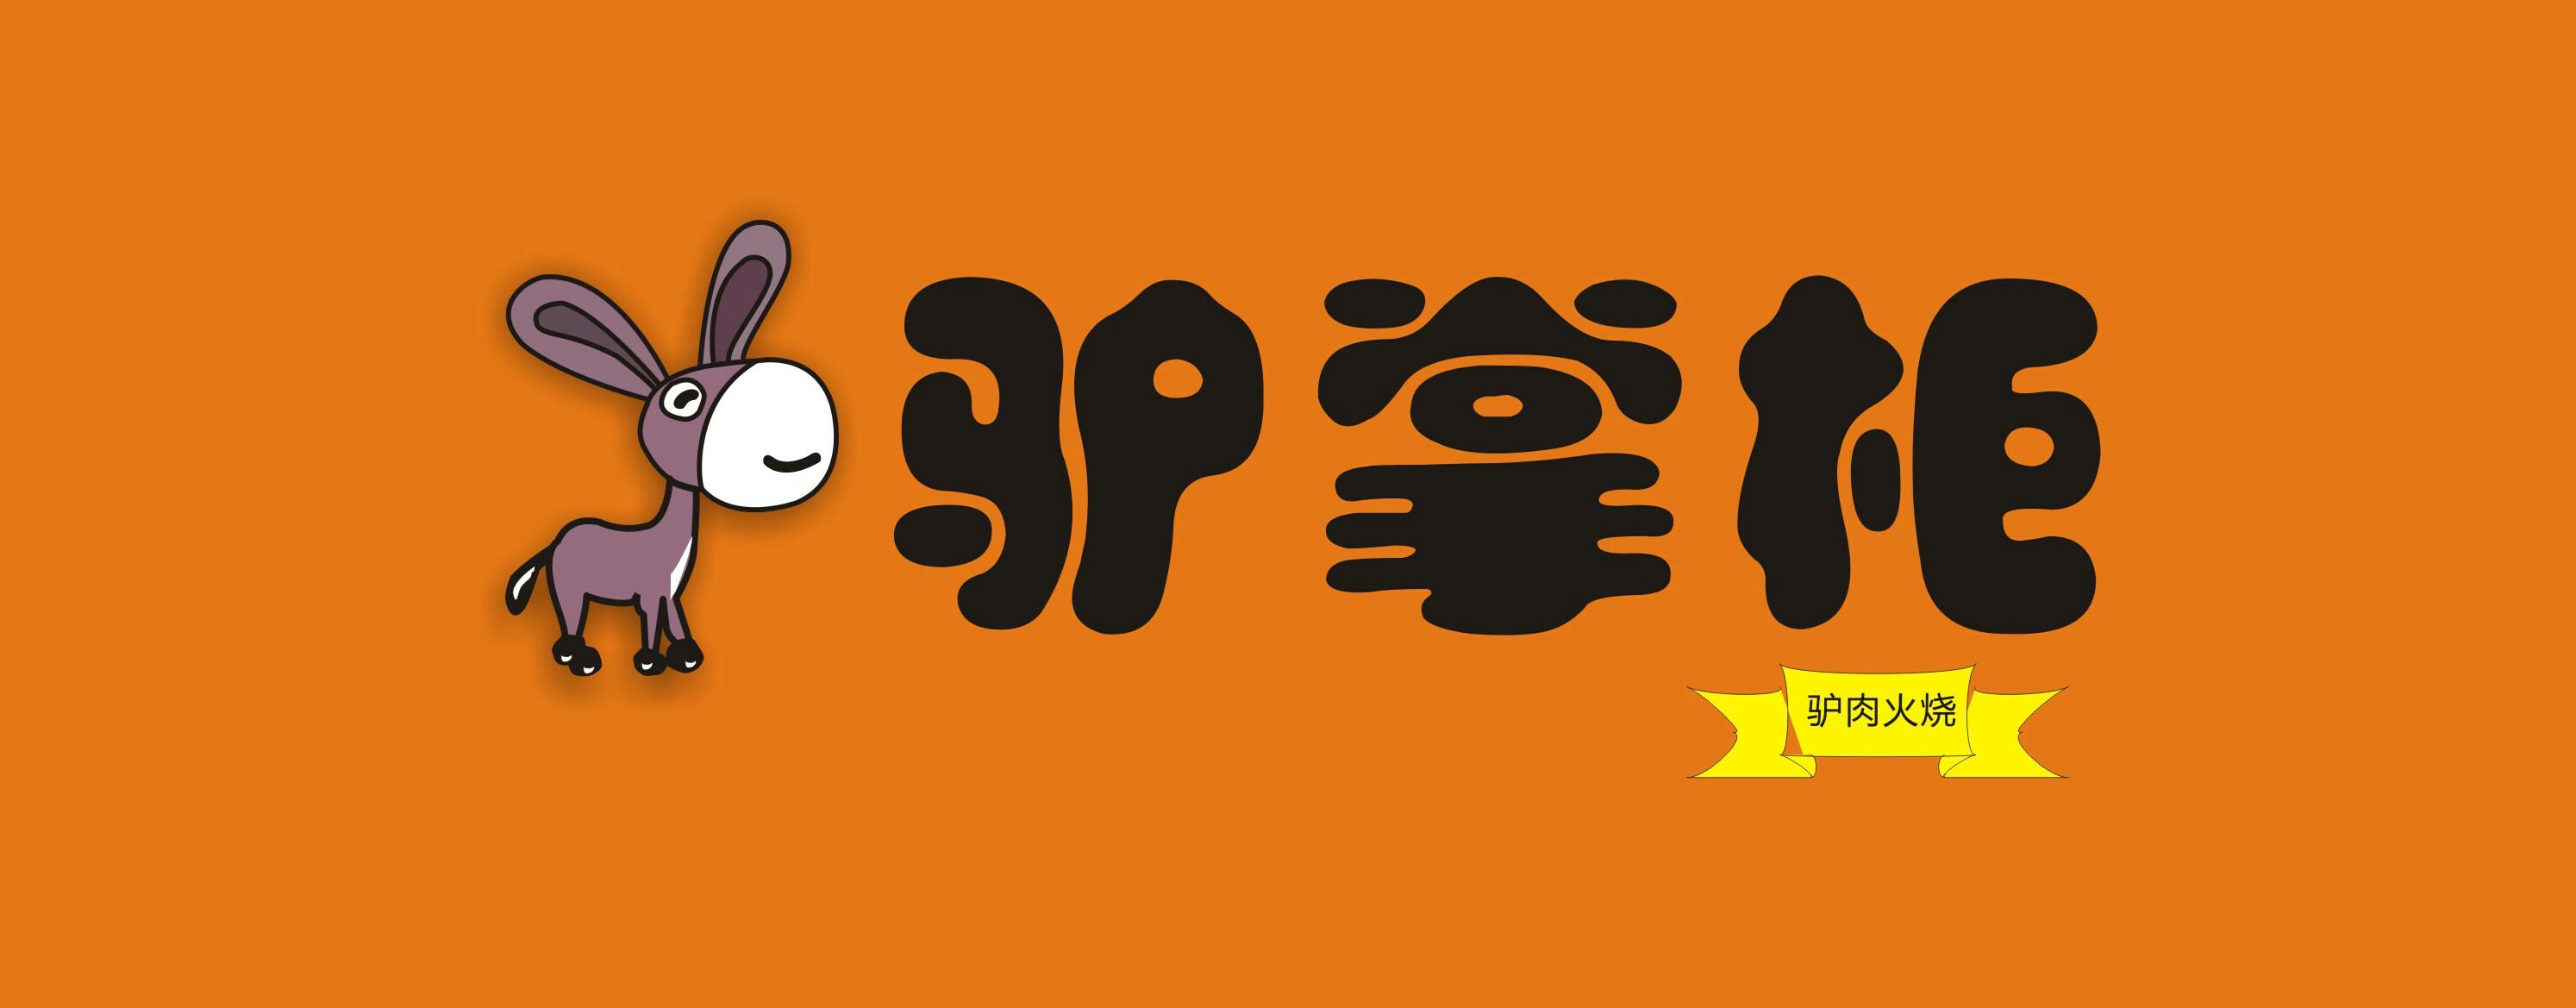 淫驴屯事_驴掌柜logo设计